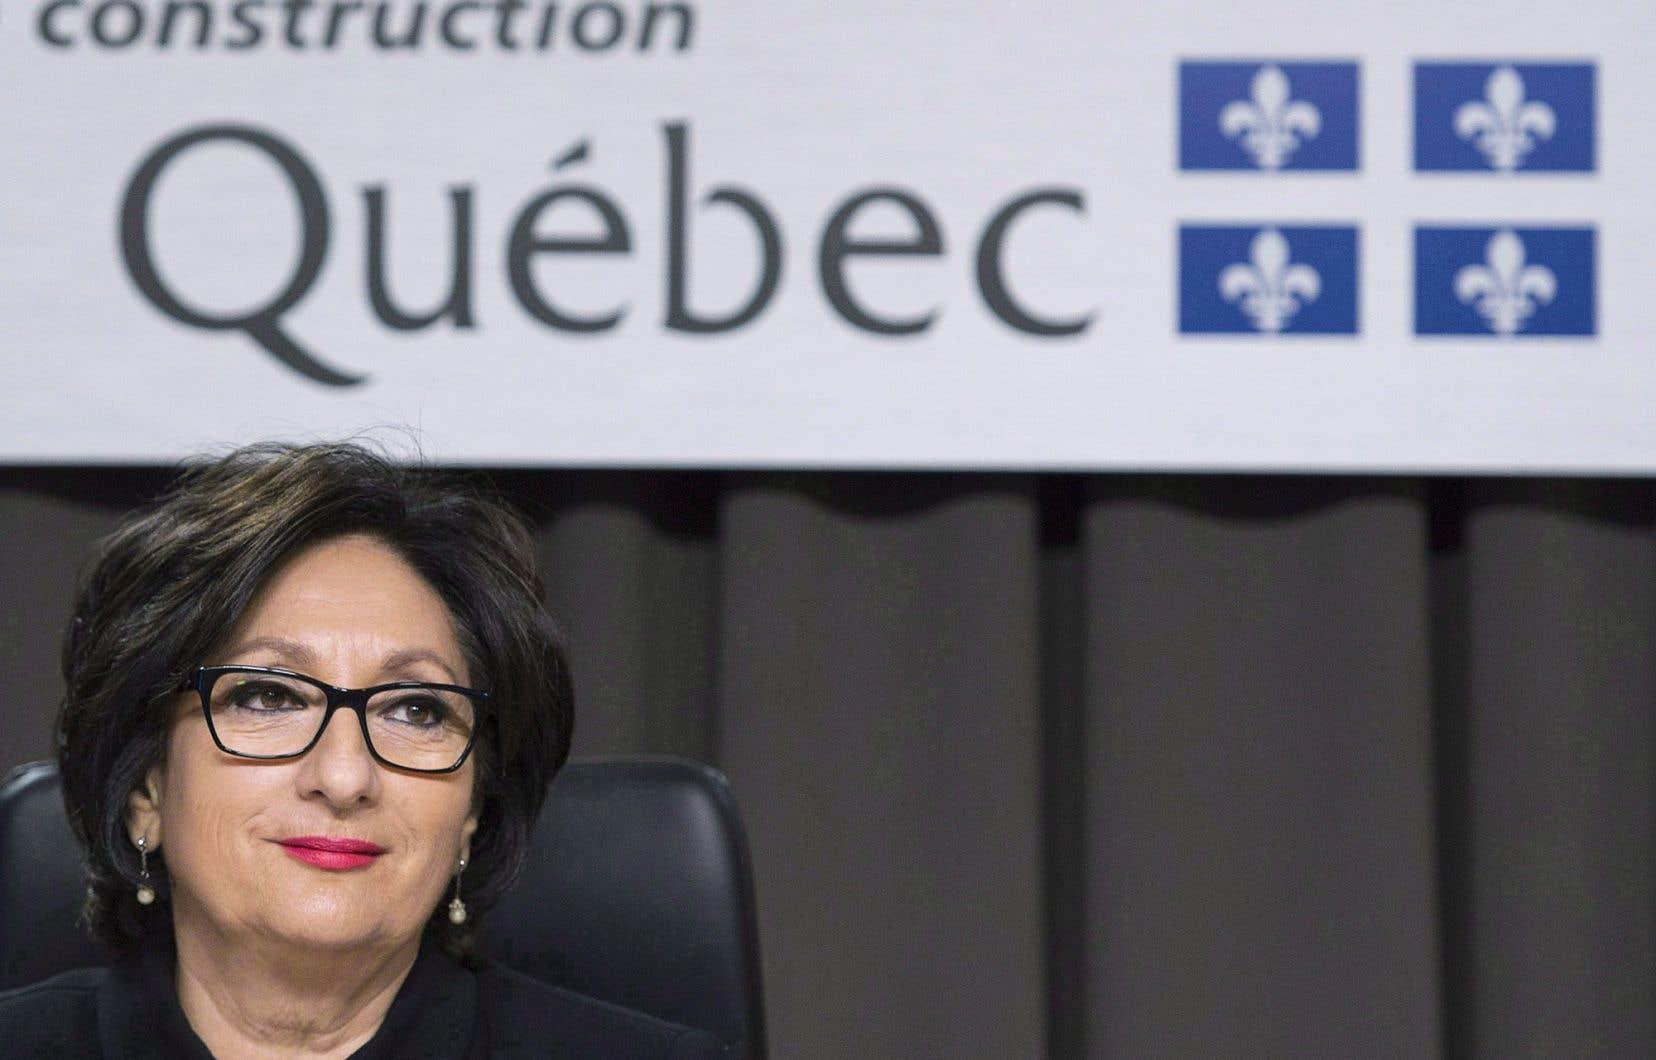 La Loi donnant suite aux recommandations de la commission Charbonneau en matière de financement politique a été adoptée le 10 juin et permet au DGEQ de réclamer des sommes sans délai de prescription. Ci-dessus, la juge France Charbonneau.